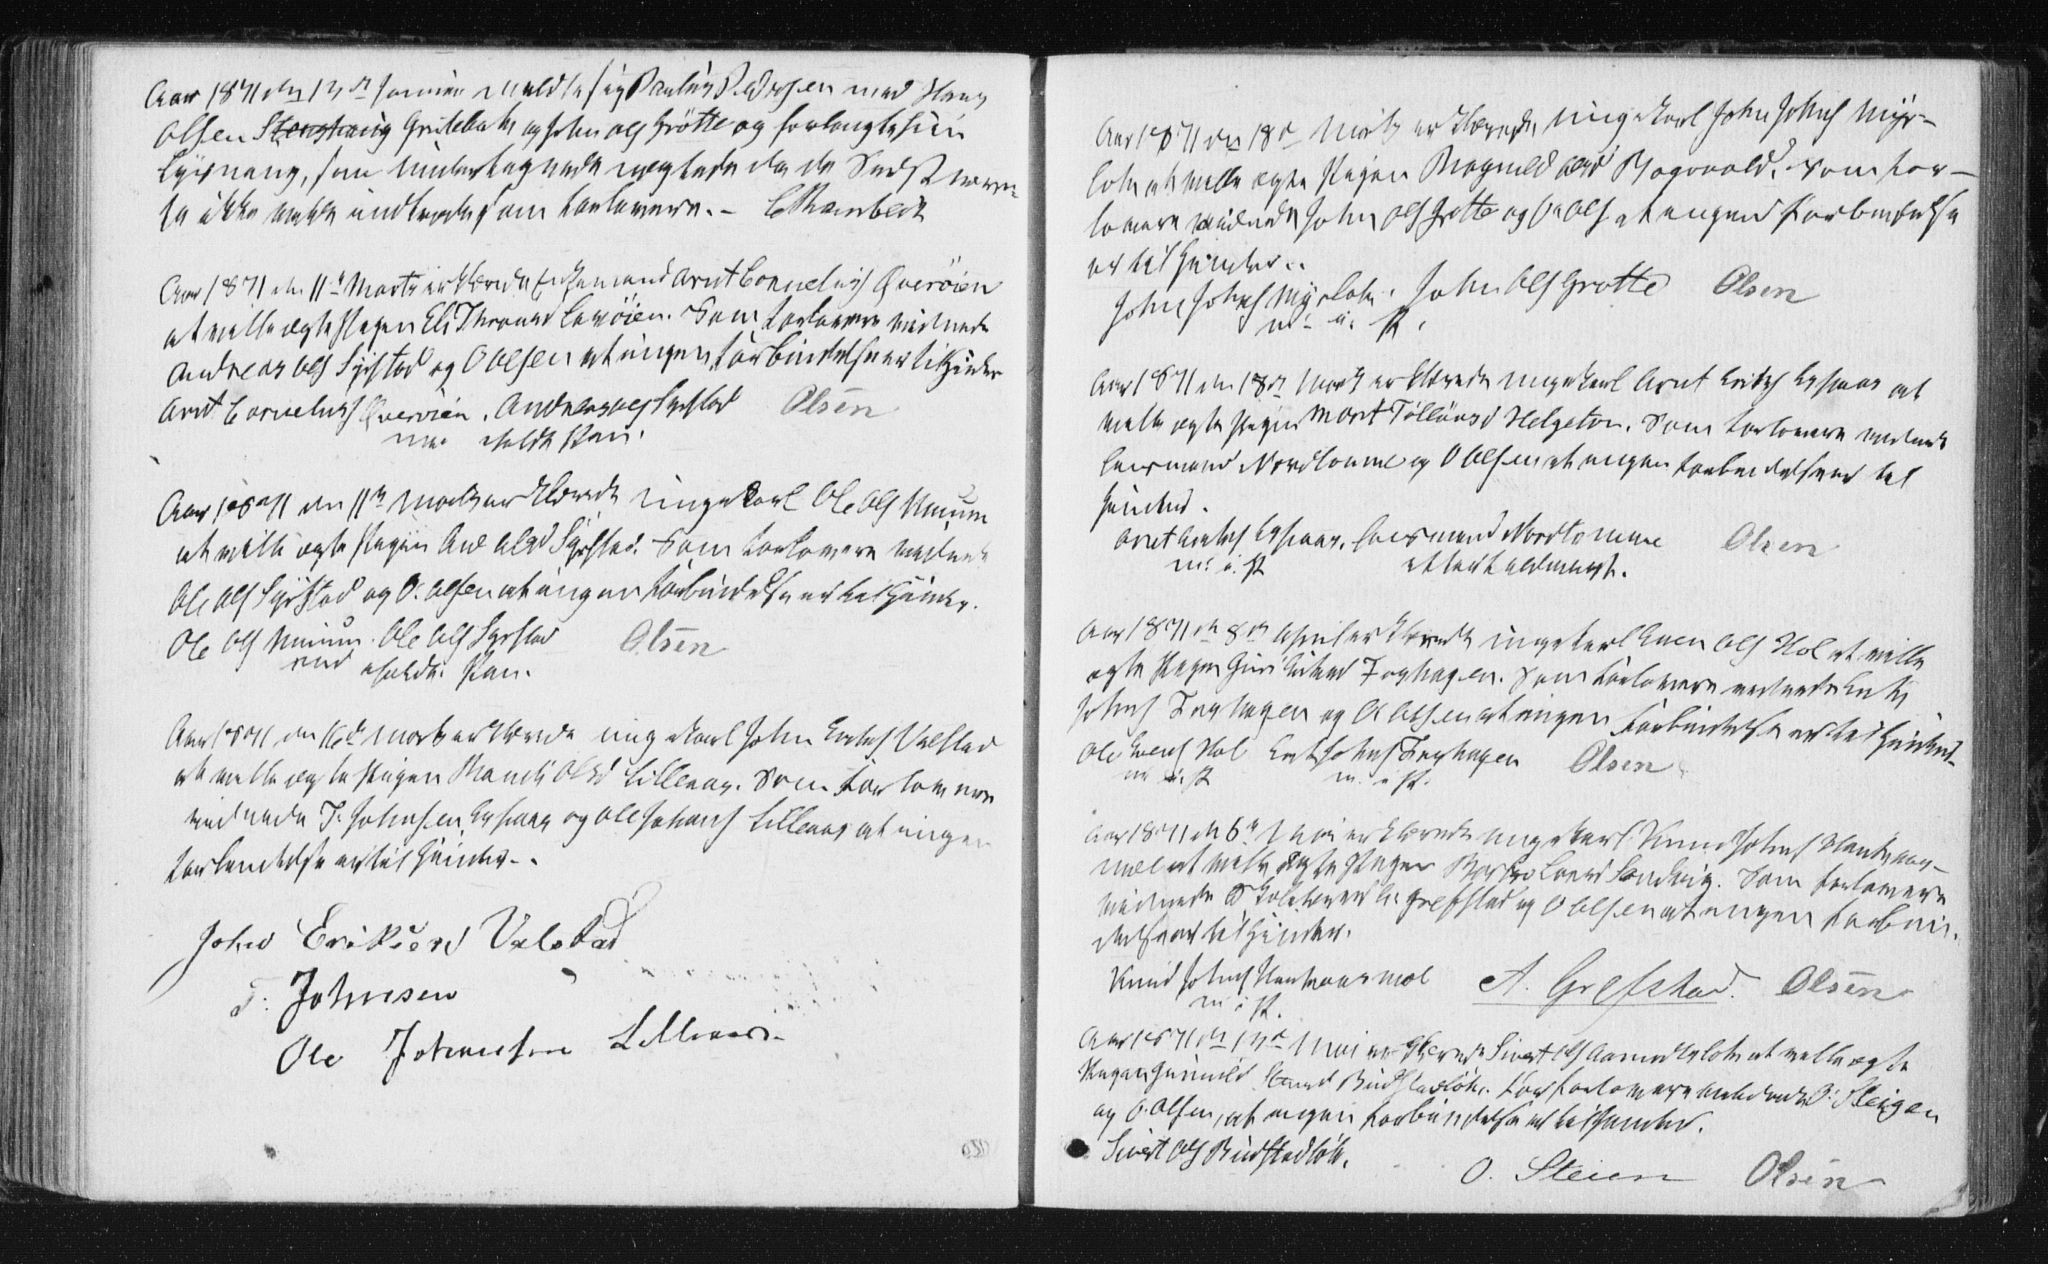 SAT, Ministerialprotokoller, klokkerbøker og fødselsregistre - Sør-Trøndelag, 672/L0859: Ministerialbok nr. 672A11, 1852-1900